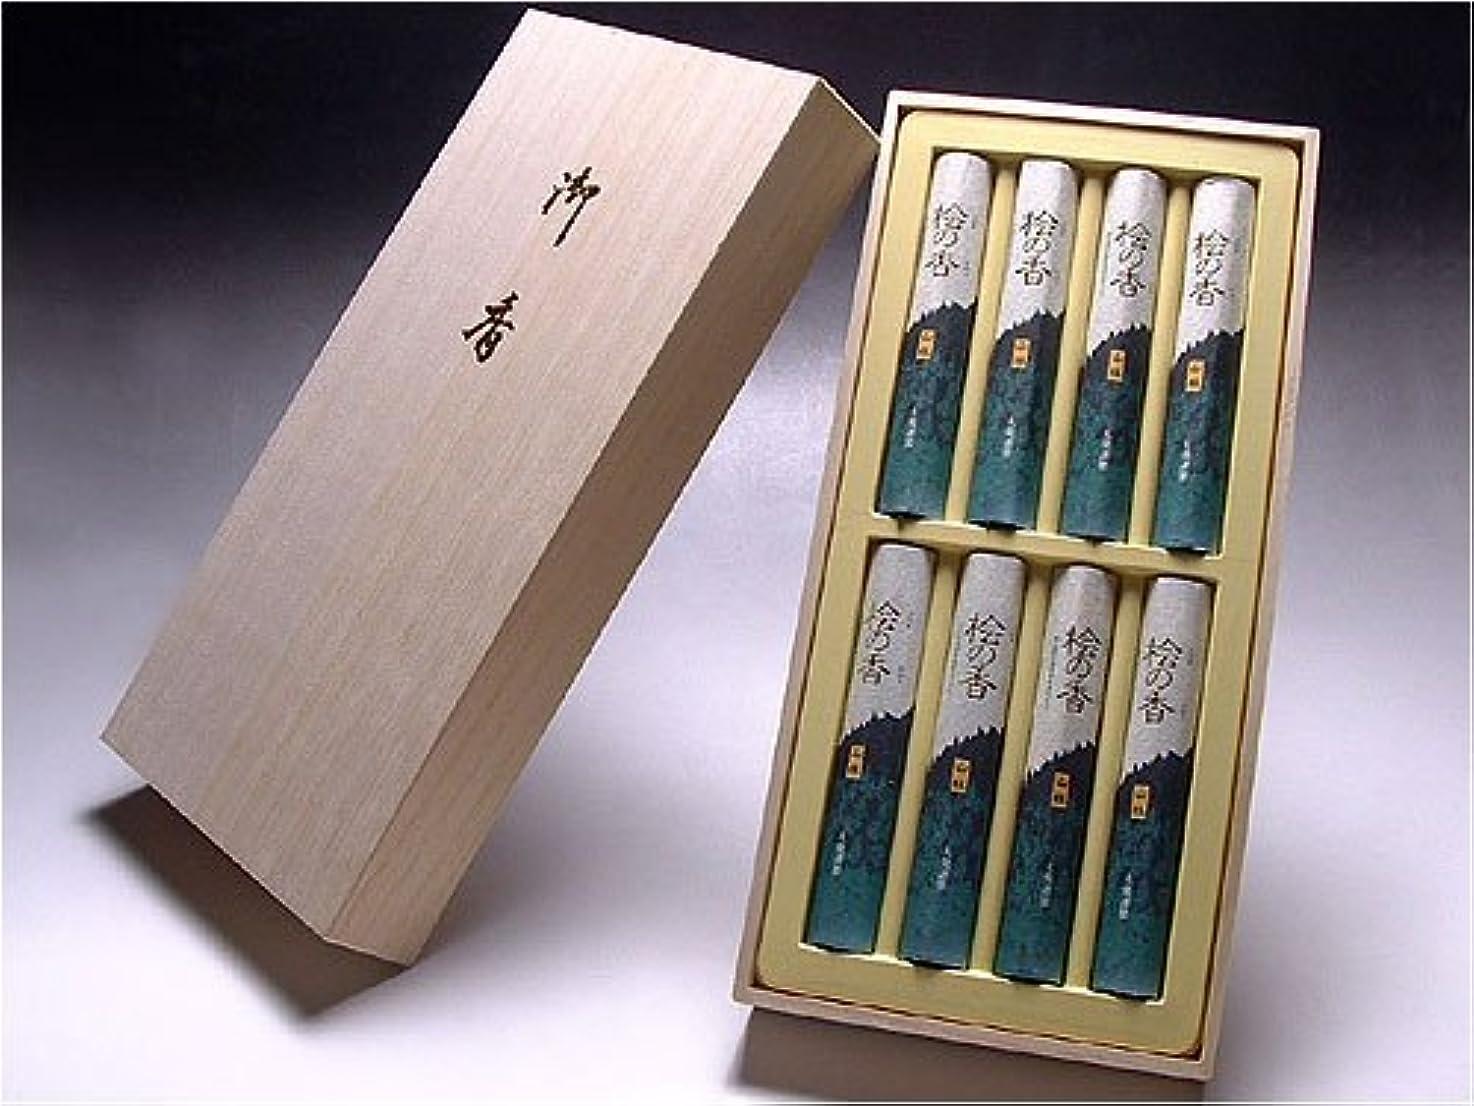 カプラーワゴンベギン大発のお線香ギフト 桧の香り 短寸 8把入